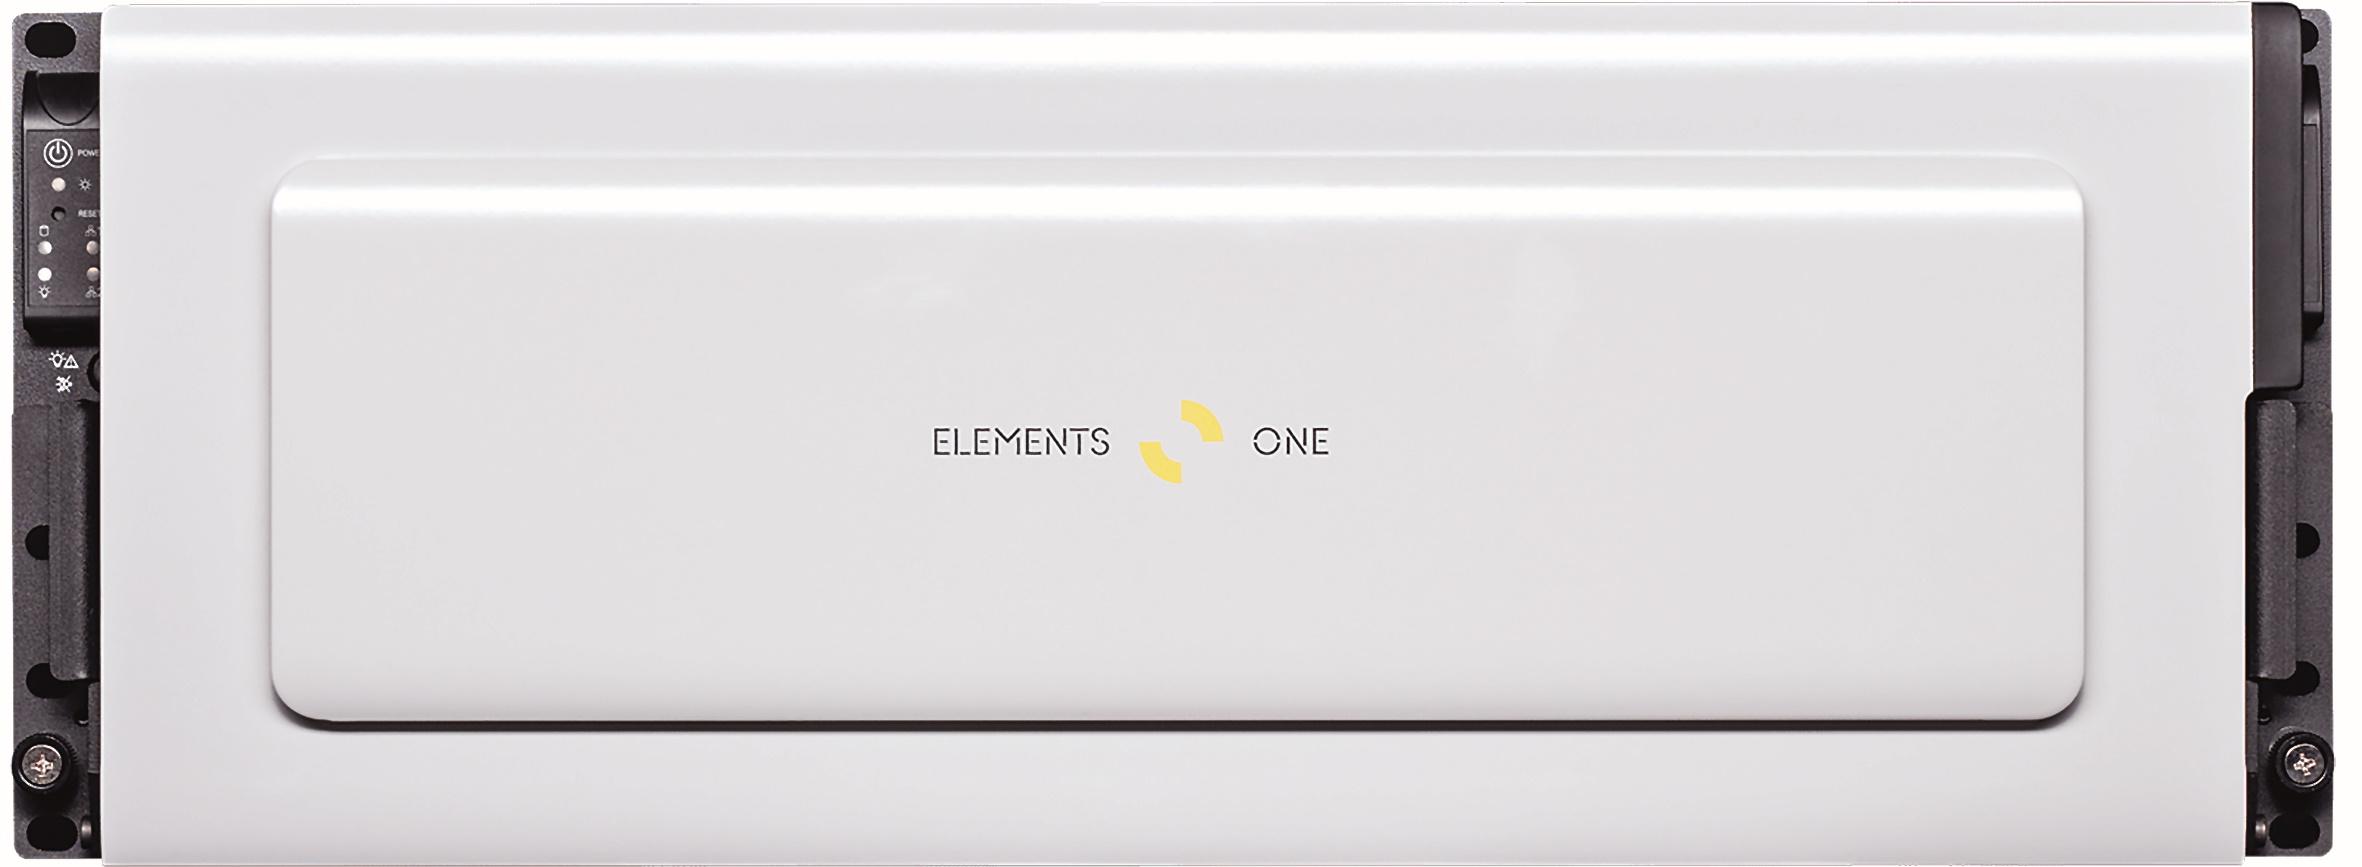 Elements One: Ein Pbyte in einem 12-HU-Setup. Und das mit maximal 10.800 Mbyte/s (2.500 pro Client).